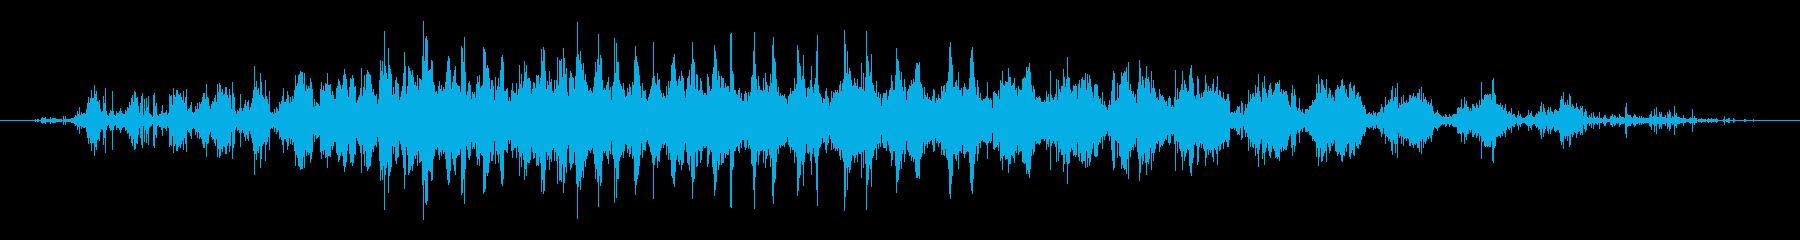 シェーカー ウッドラフラトルダイナ...の再生済みの波形